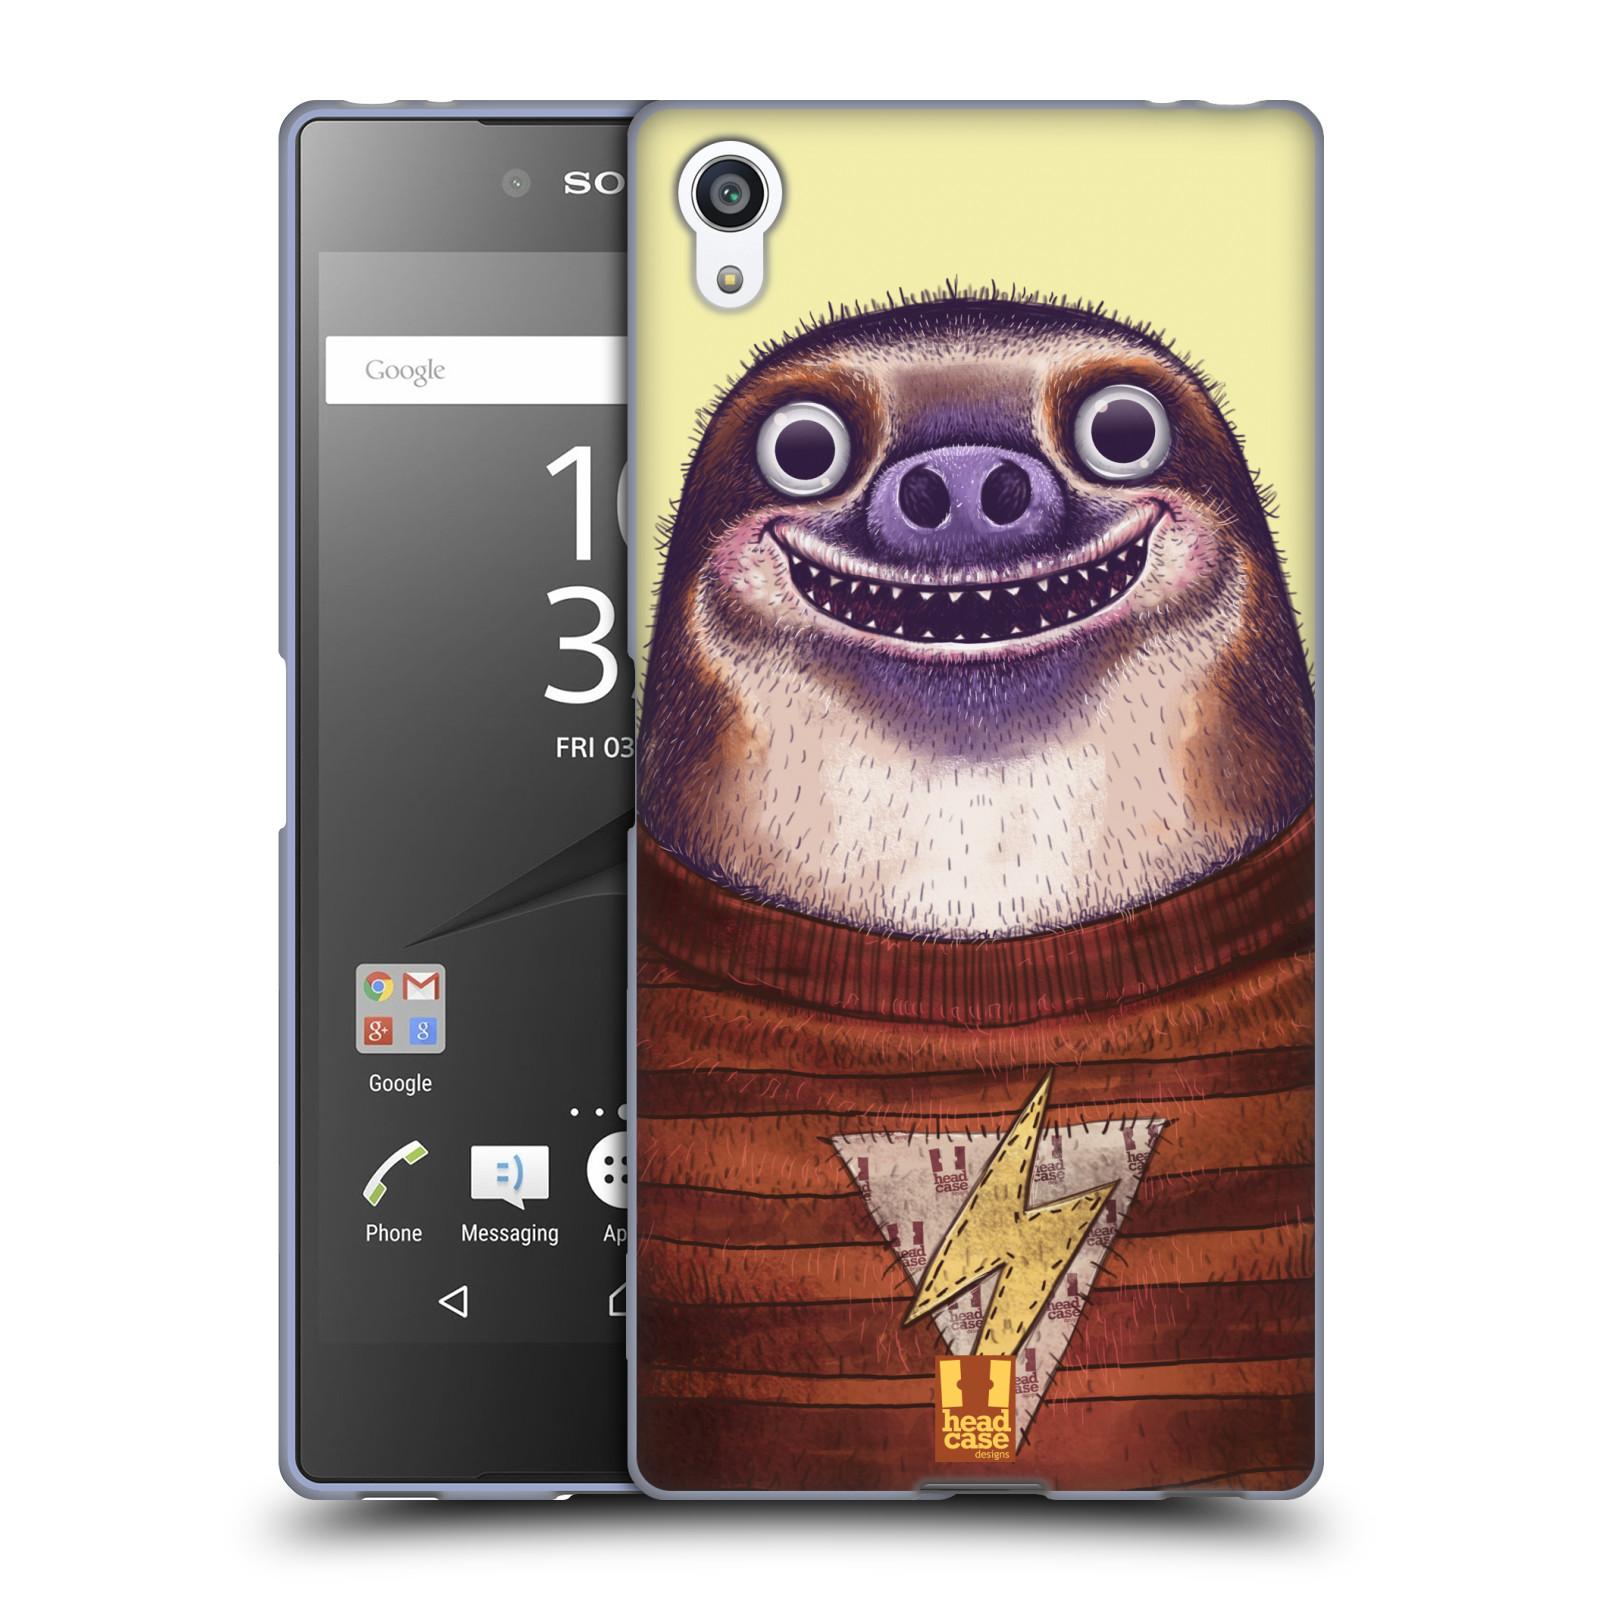 Silikonové pouzdro na mobil Sony Xperia Z5 Premium HEAD CASE ANIMPLA LENOCHOD